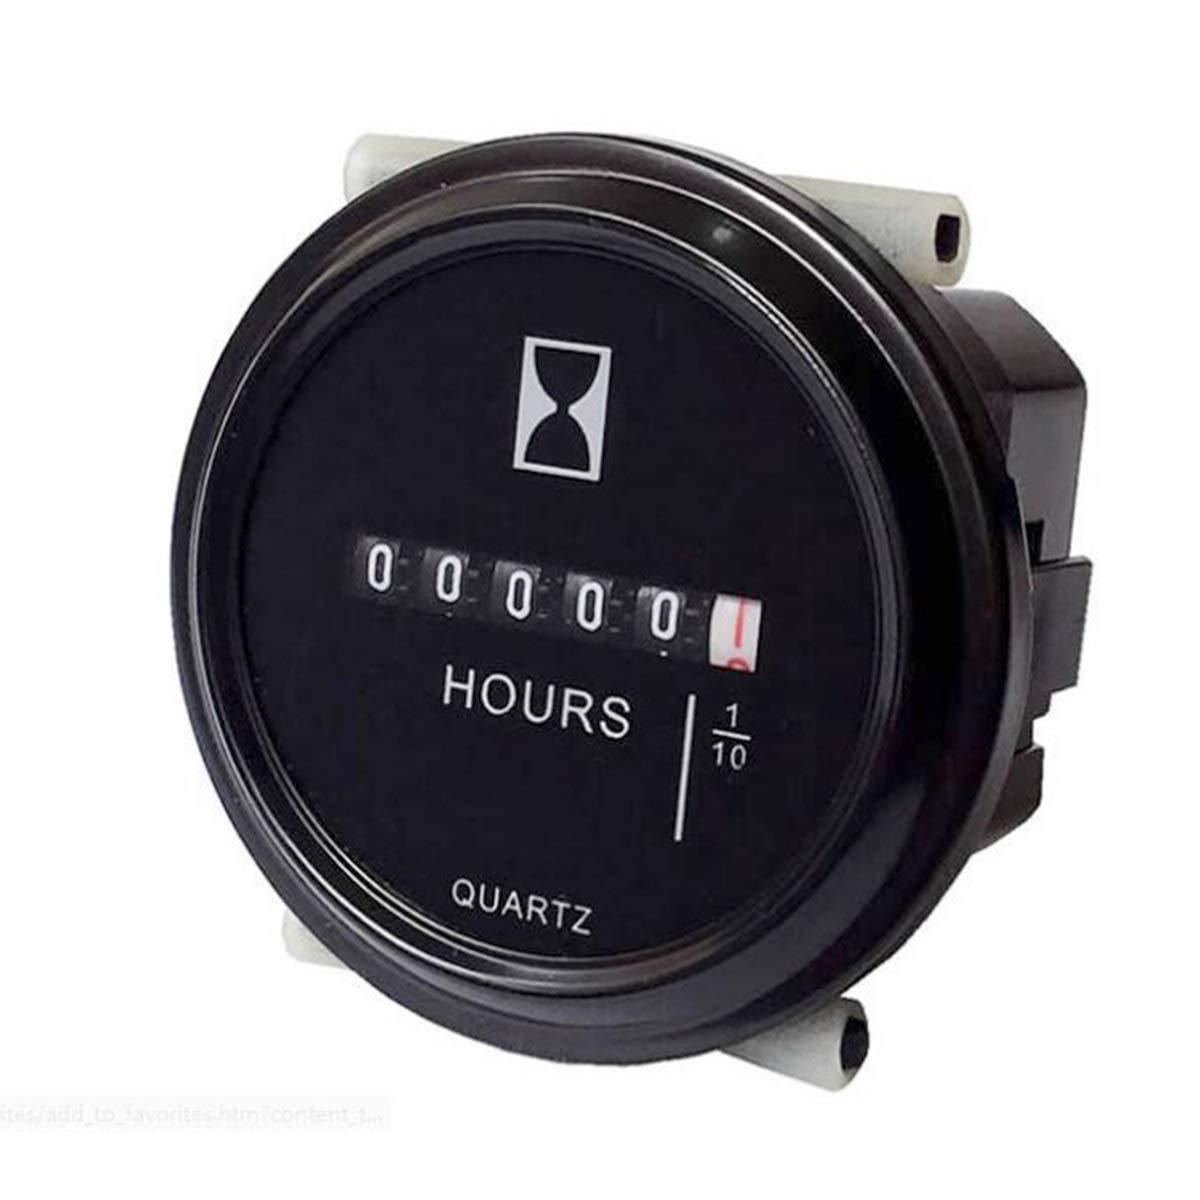 DEALPEAK 12V 24V 36V Hour Meter//Tachometer 2 Round Waterproof Gauge For Marine Boat Tractor Engine